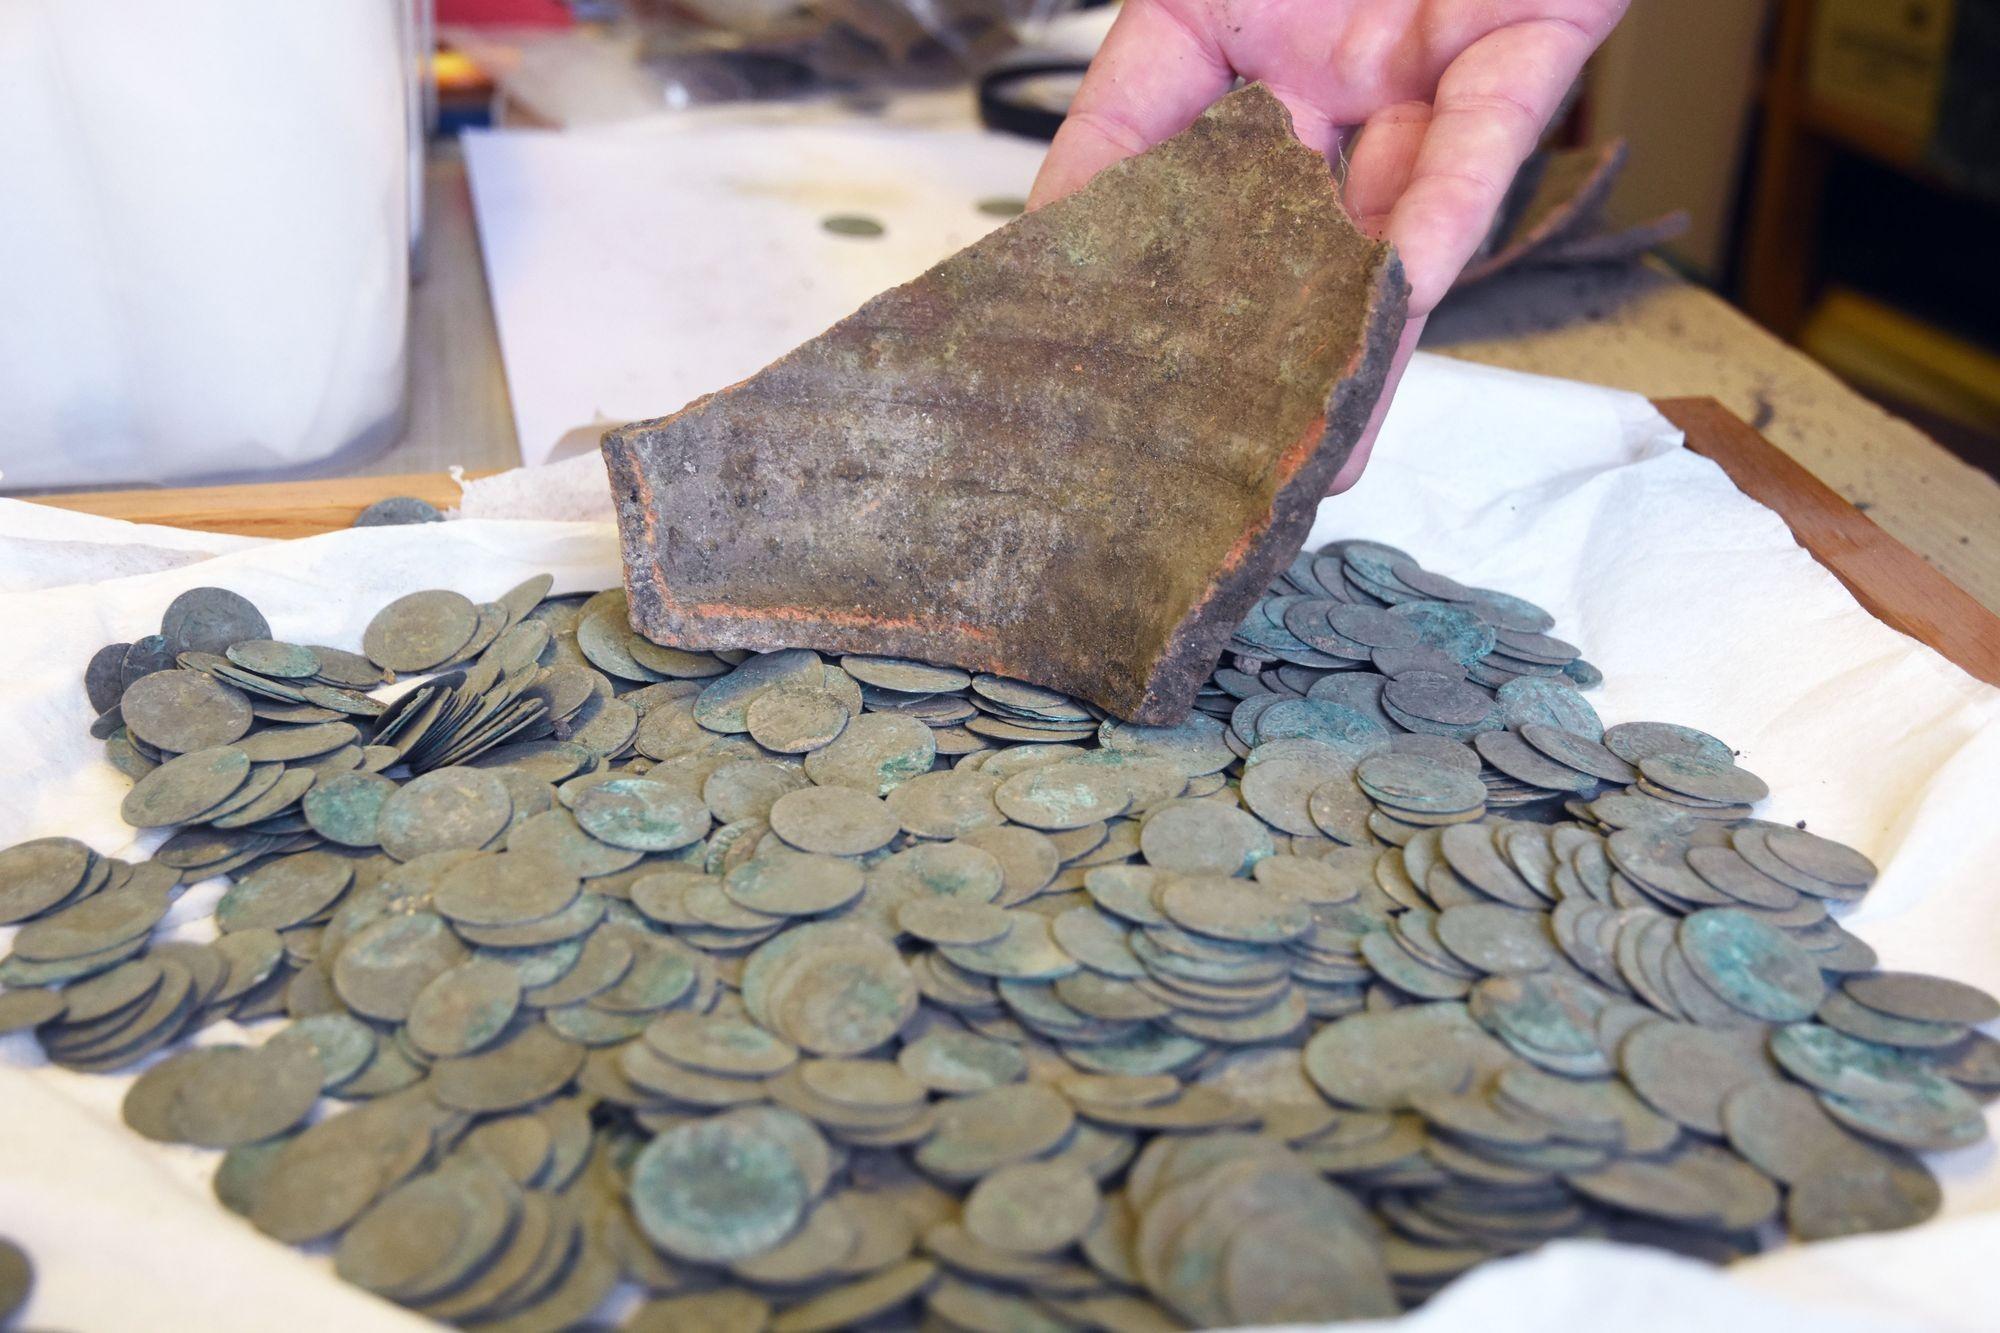 Több ezer lengyel veretű ezüstpénz került elő a kunmadarasi repülőtérnél